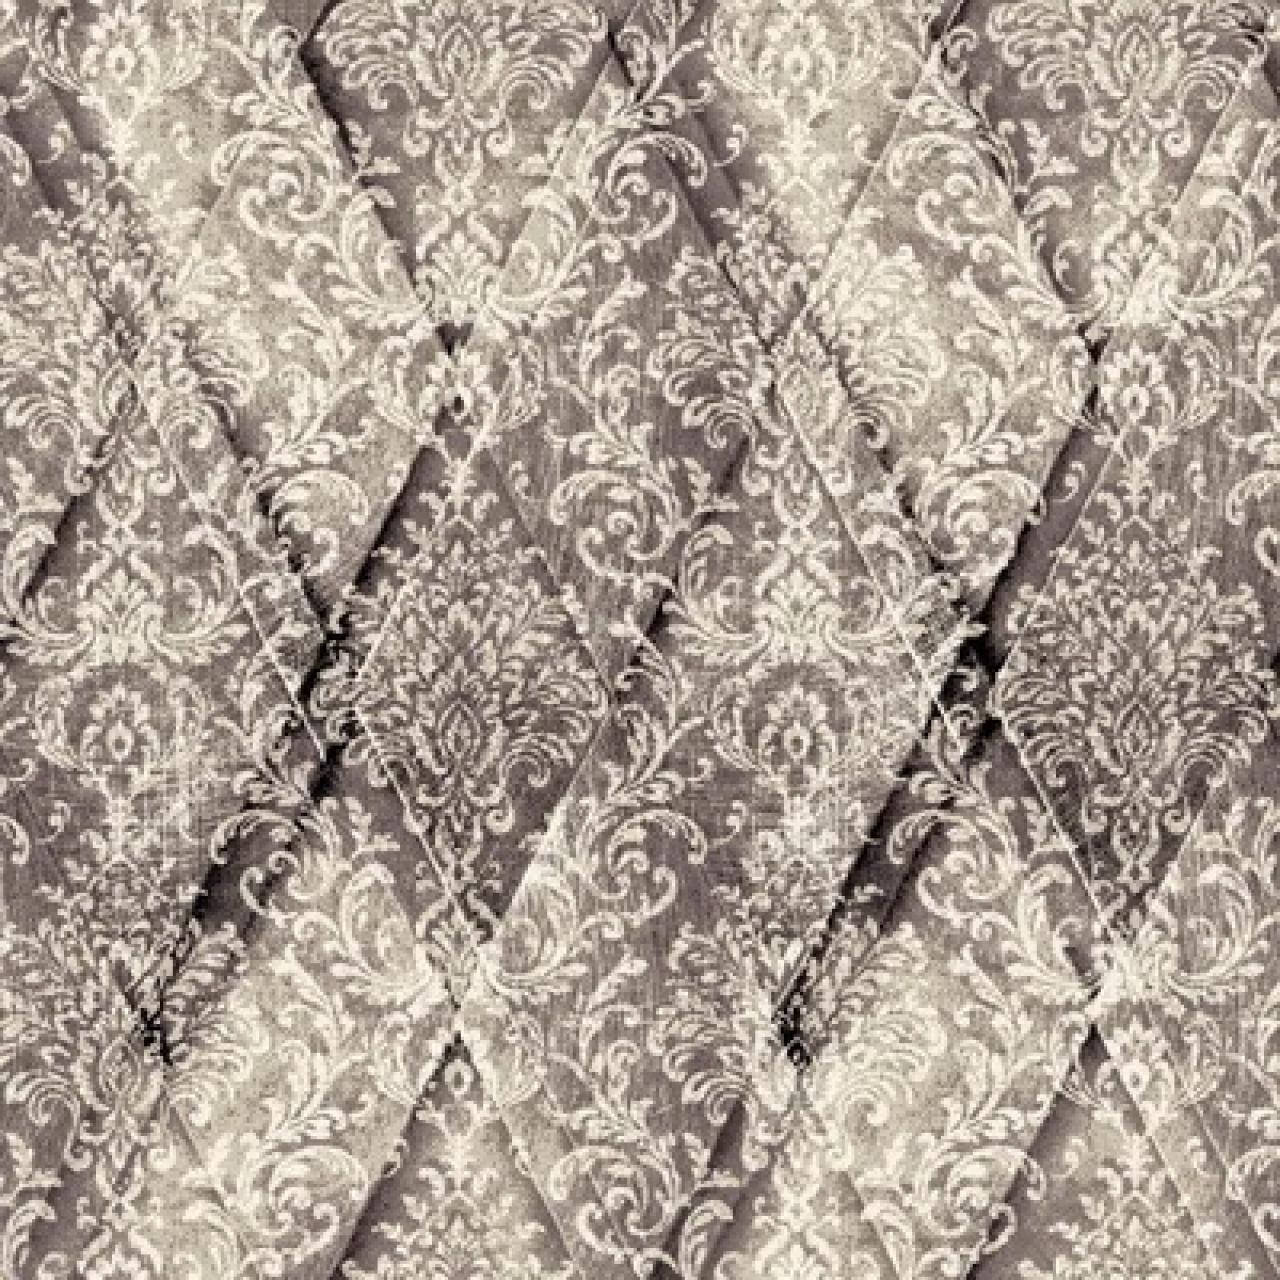 Ковер p1792c2p - 100 - Прямоугольник - коллекция принт обр 8-ми цветное полотно